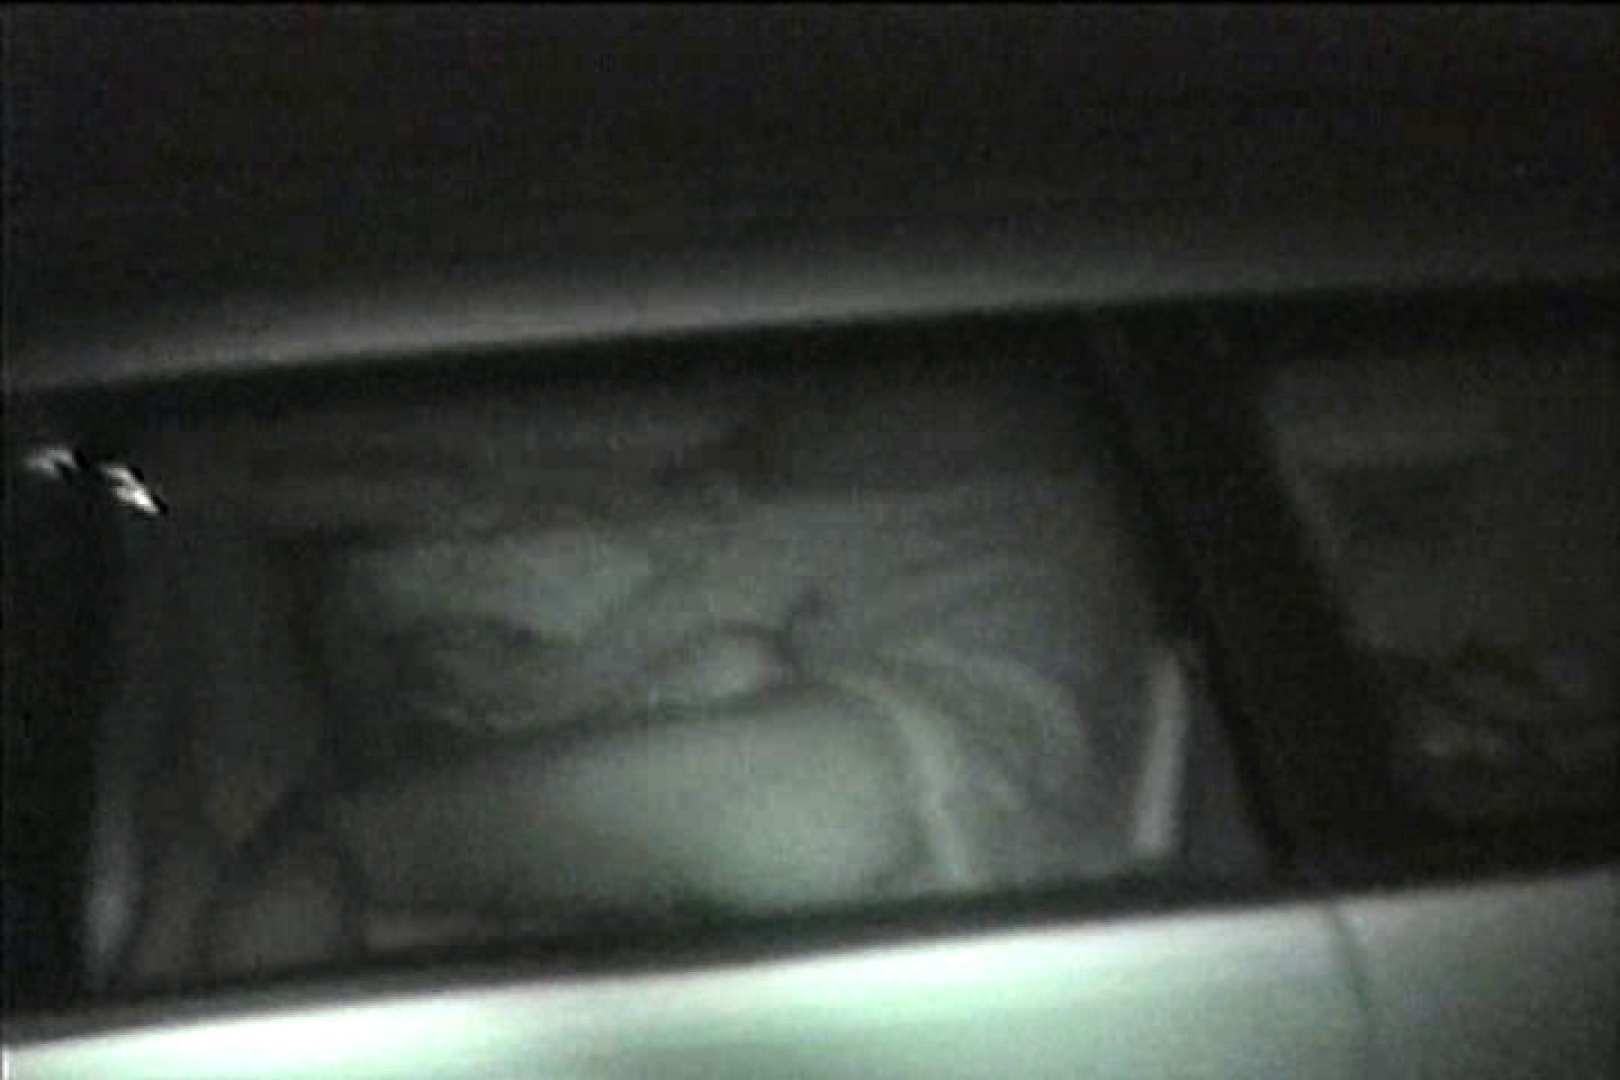 車の中はラブホテル 無修正版  Vol.7 ラブホテル隠し撮り われめAV動画紹介 84pic 55